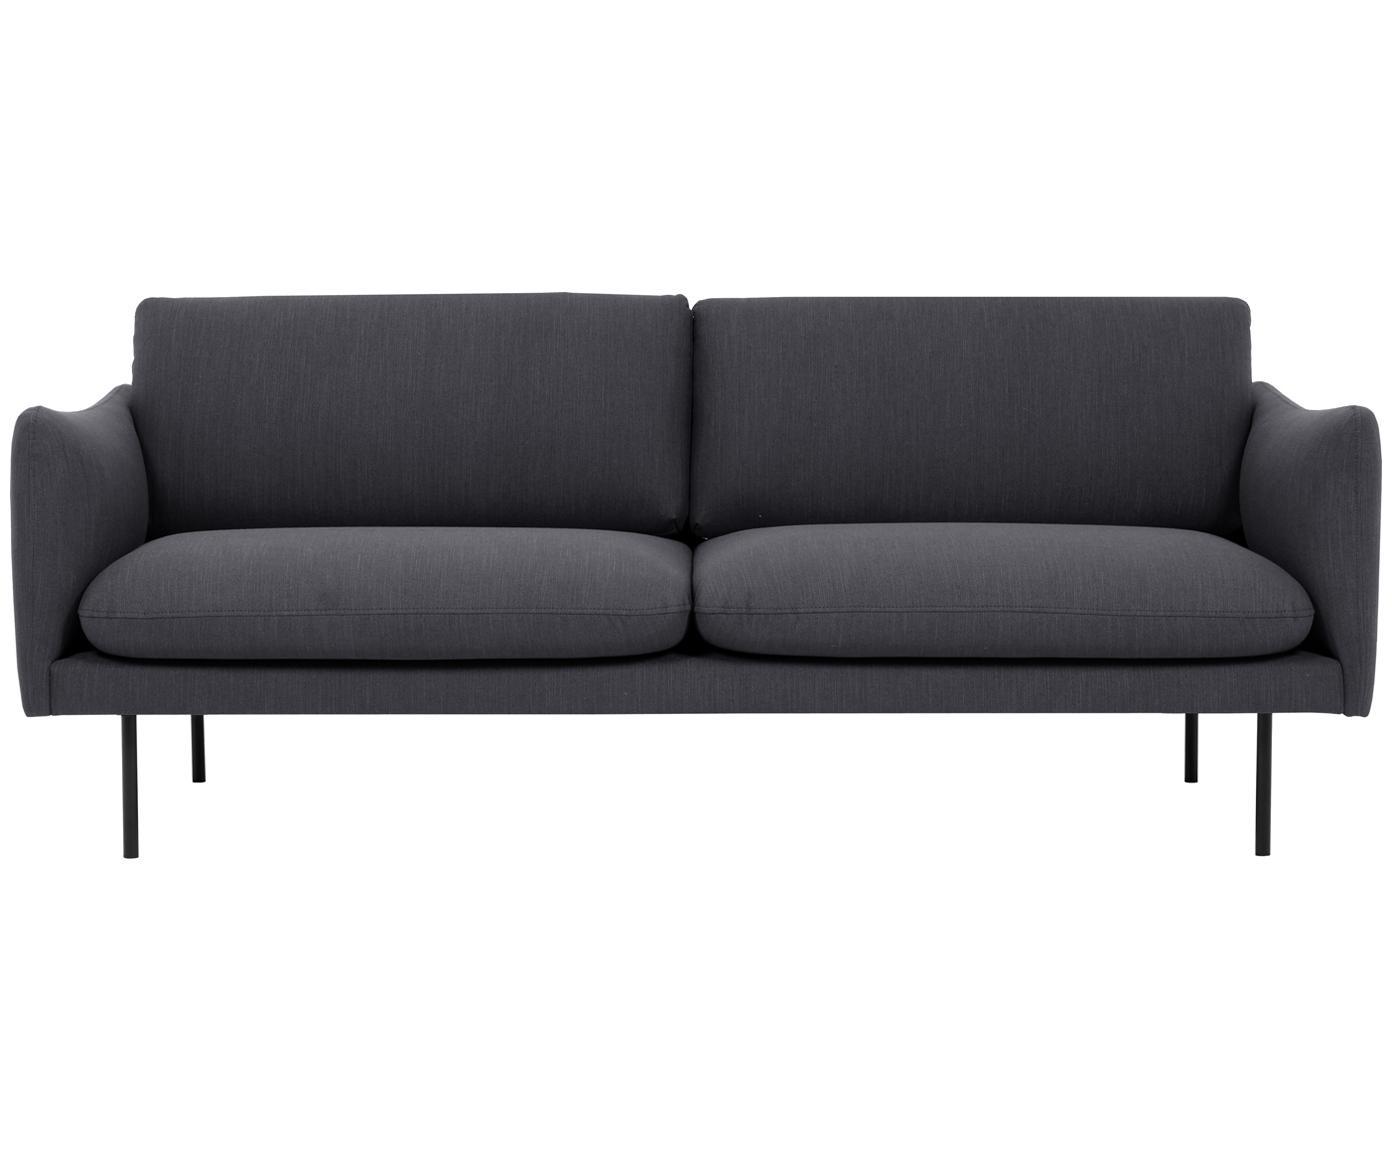 Sofa Moby (2-Sitzer), Bezug: Polyester 60.000 Scheuert, Gestell: Massives Kiefernholz, Füße: Metall, pulverbeschichtet, Webstoff Dunkelgrau, B 170 x T 95 cm